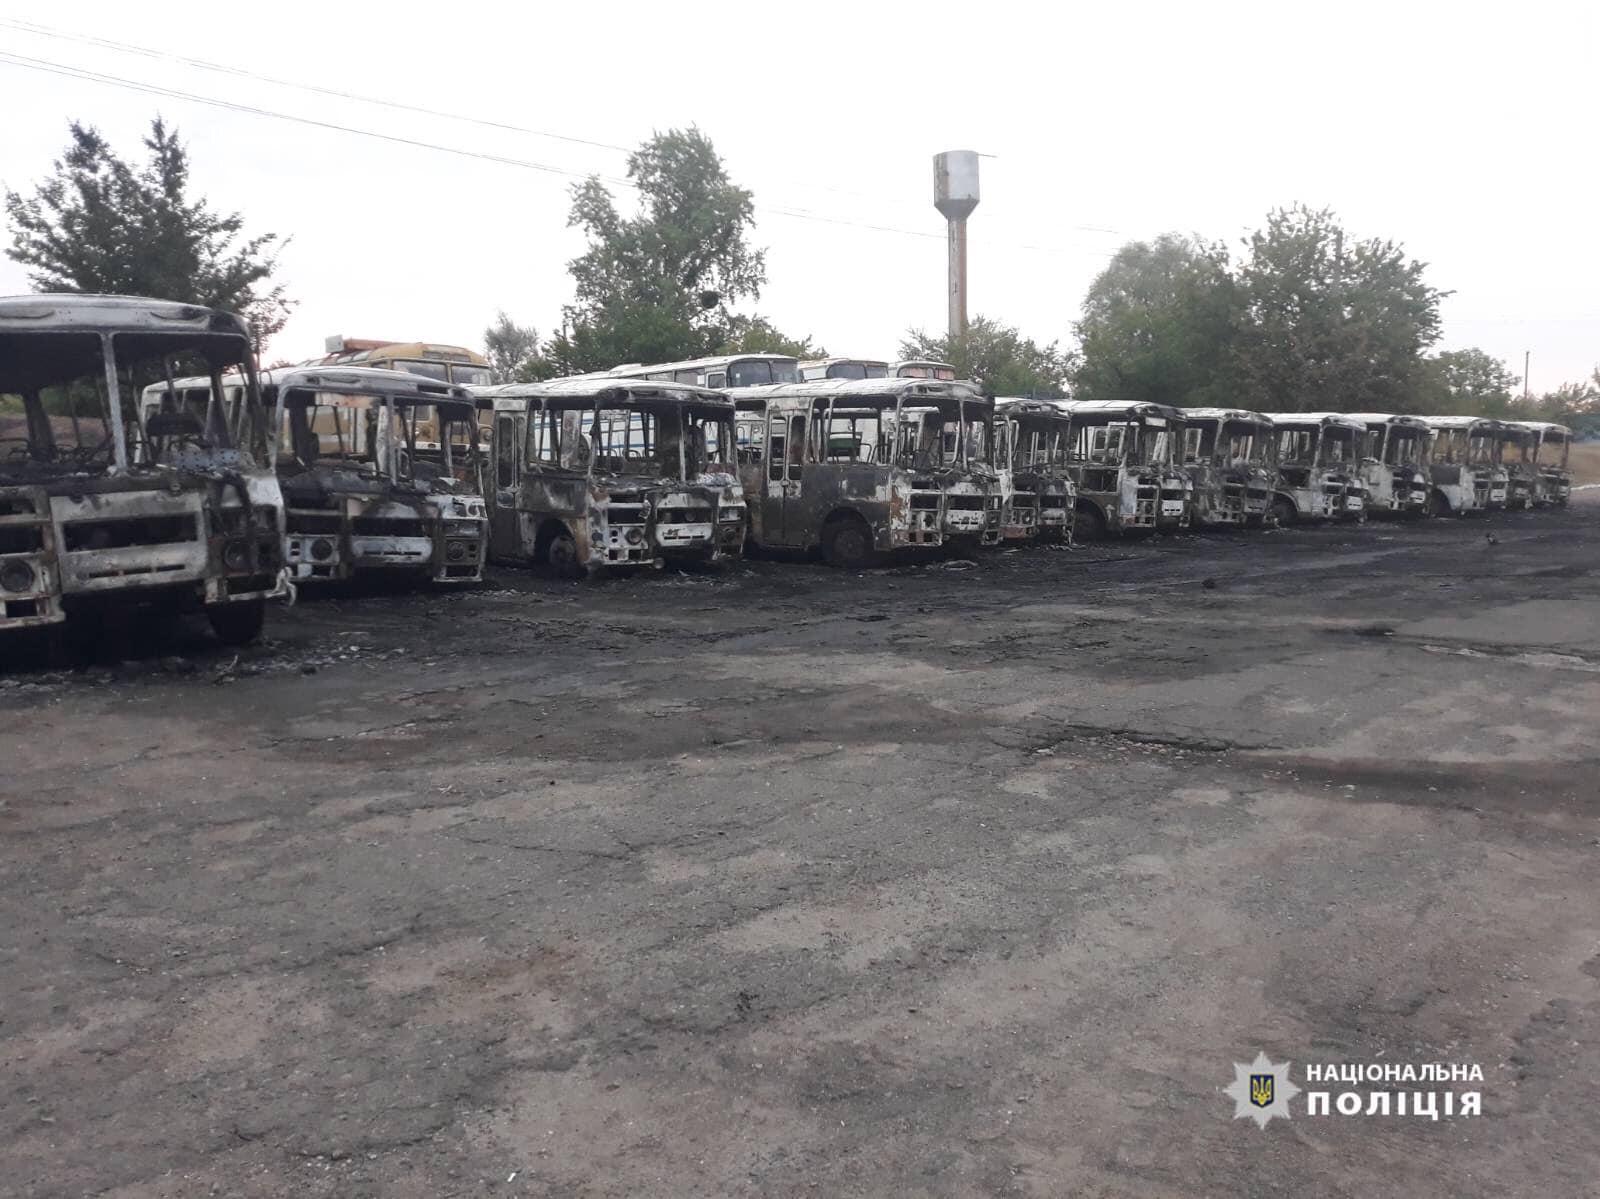 Черкаська поліція розслідує загорання автобусів у Золотоноші